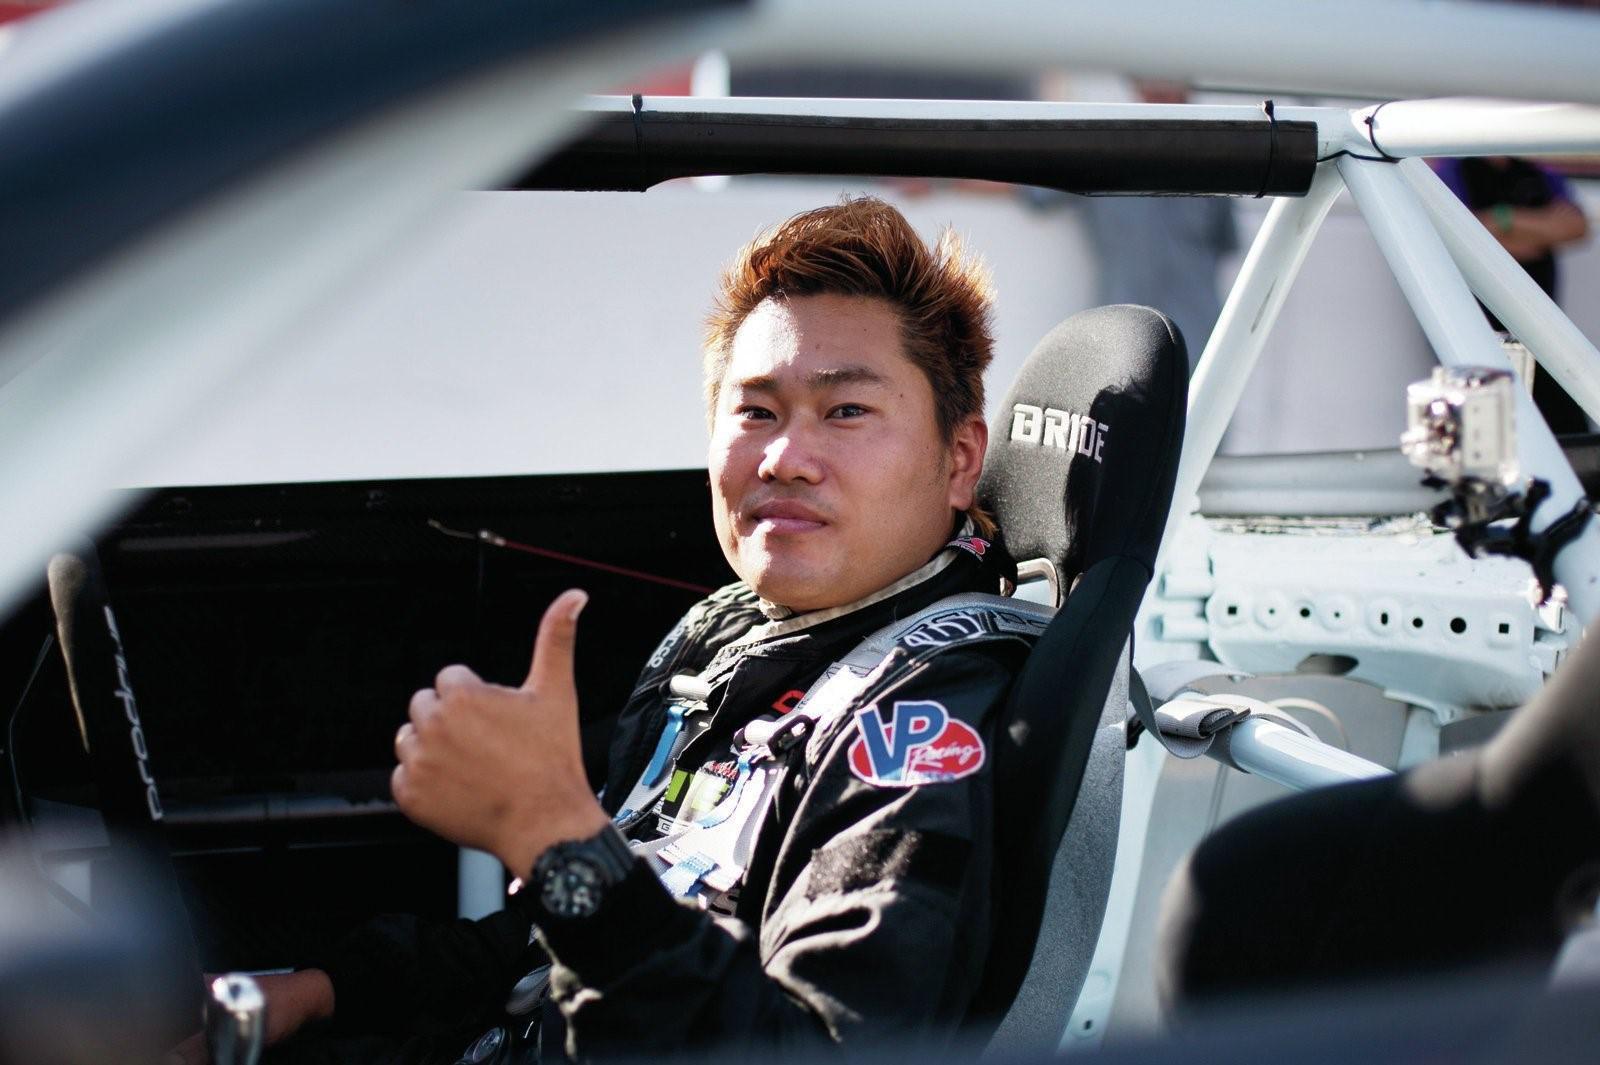 le-champion-du-monde-daigo-saito-pilotera-pour-un-marocain-1088-5.jpg